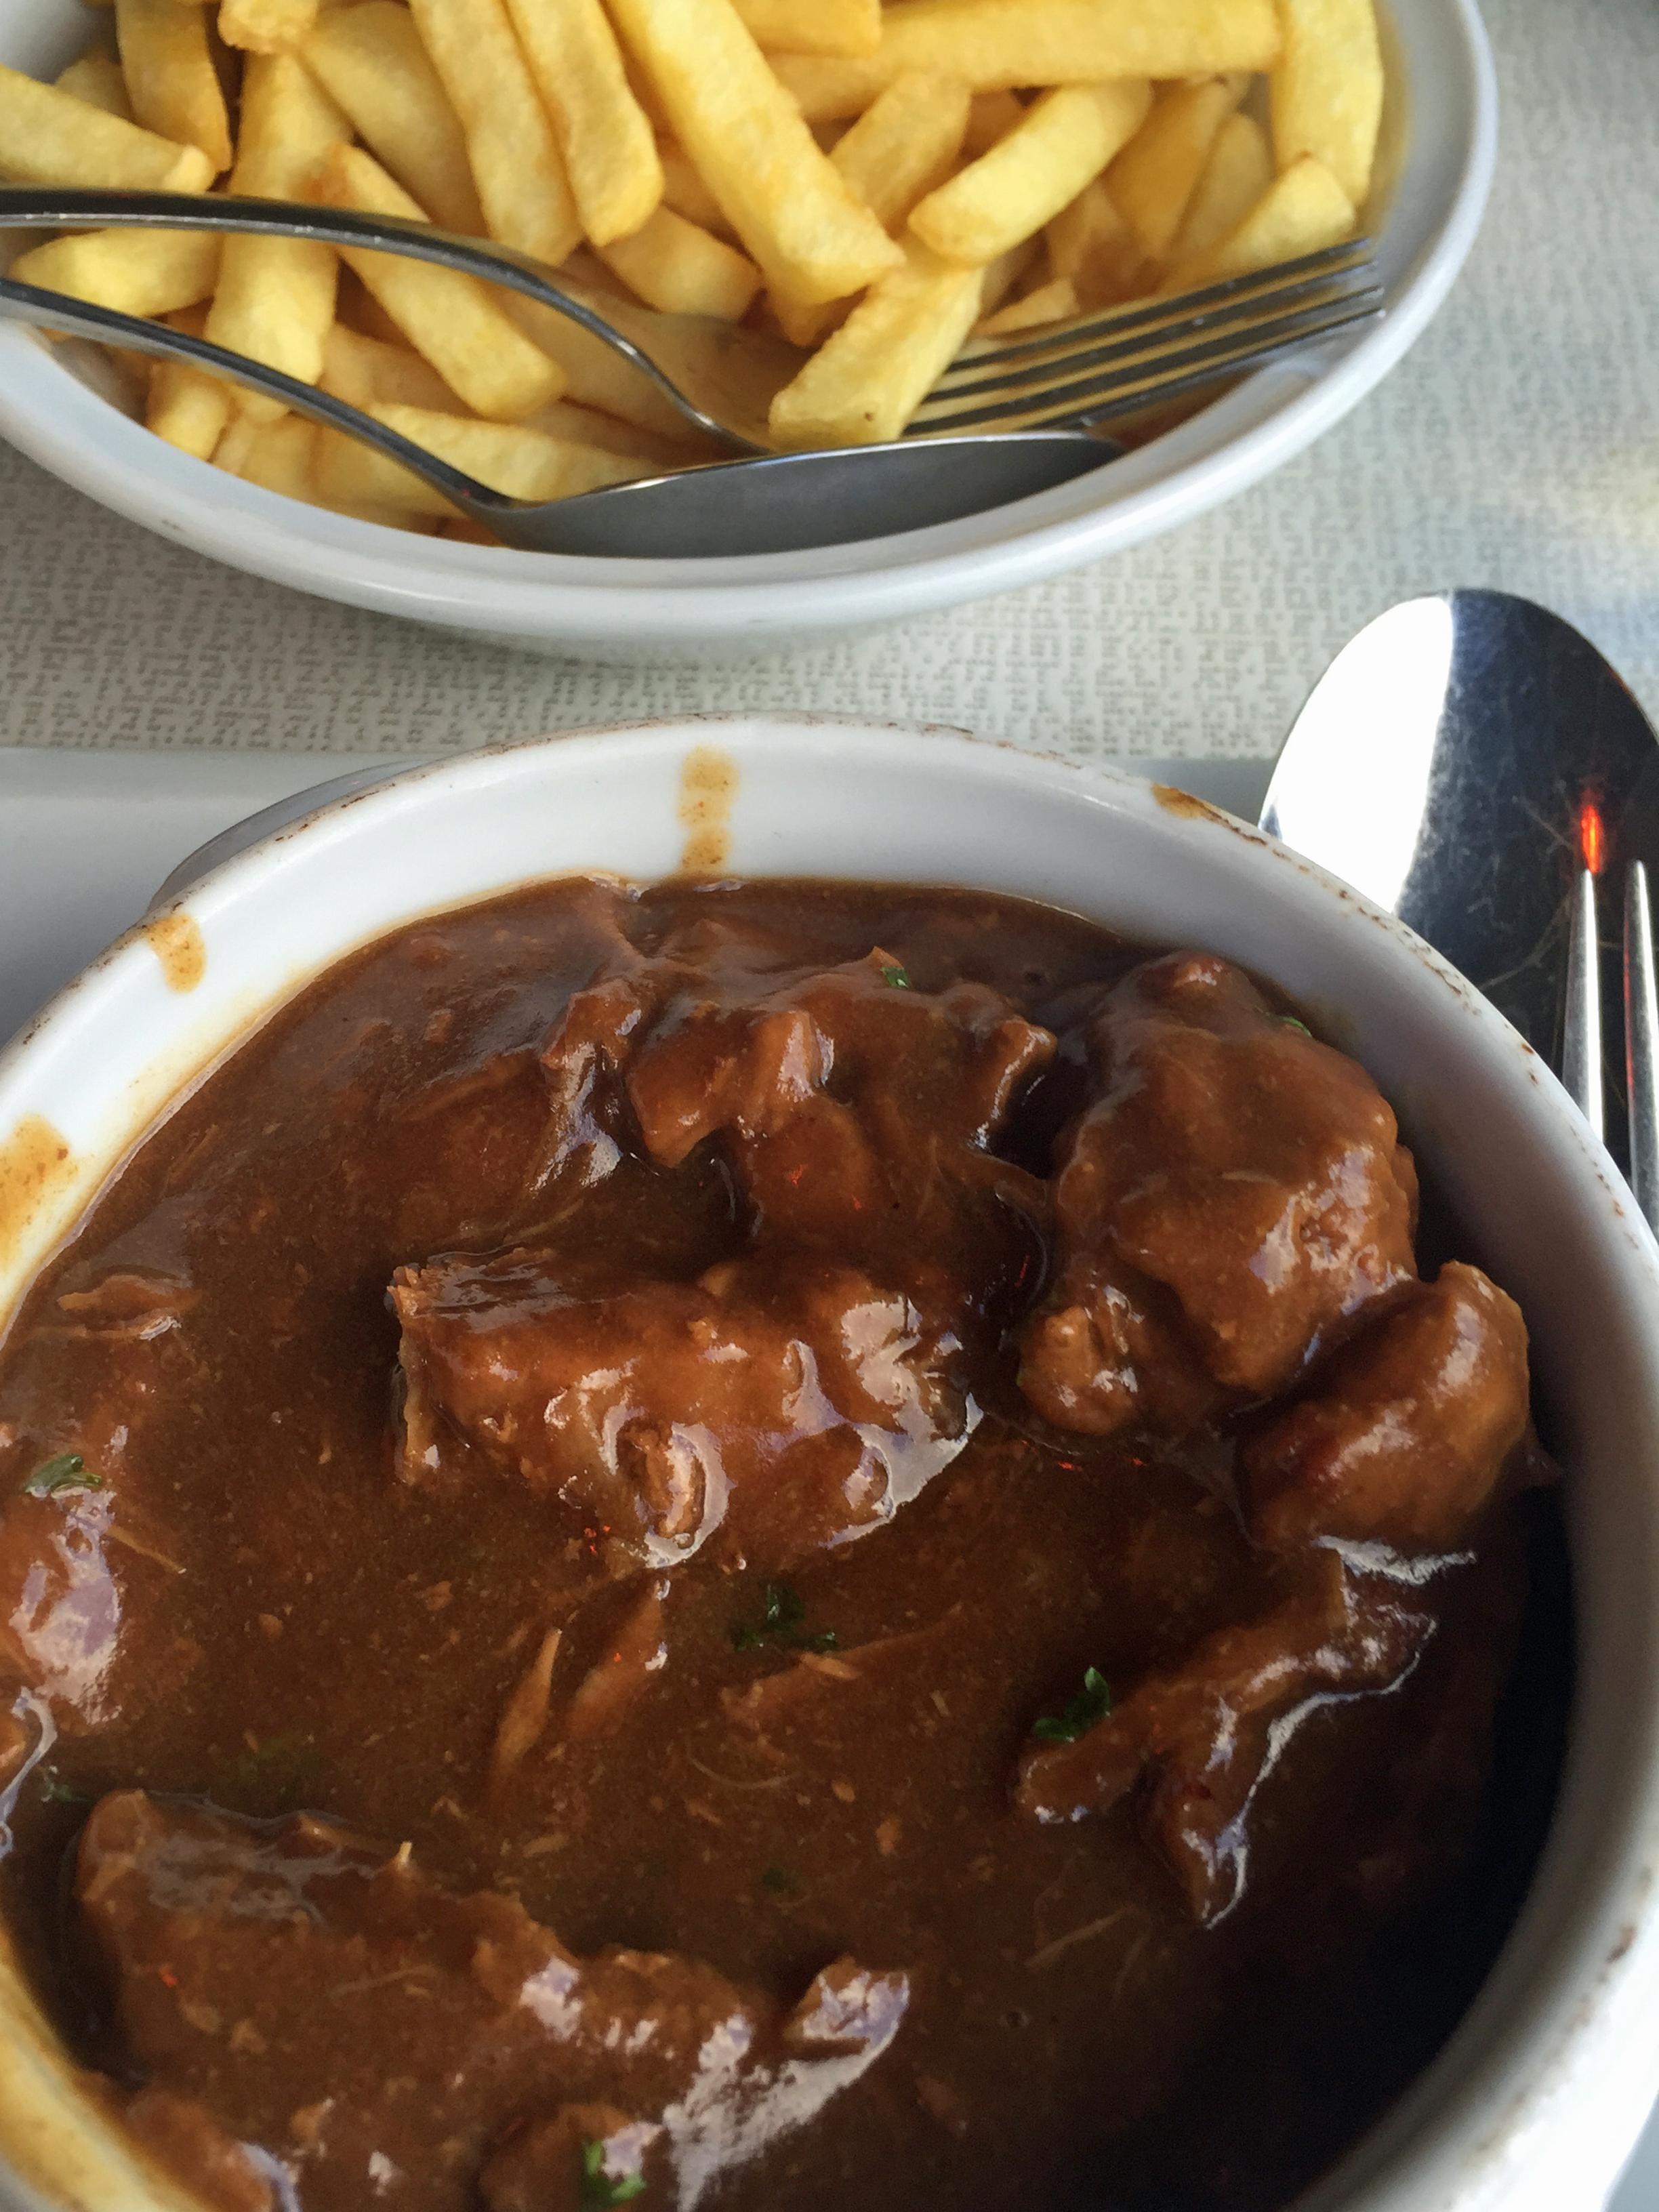 Ghent Stew